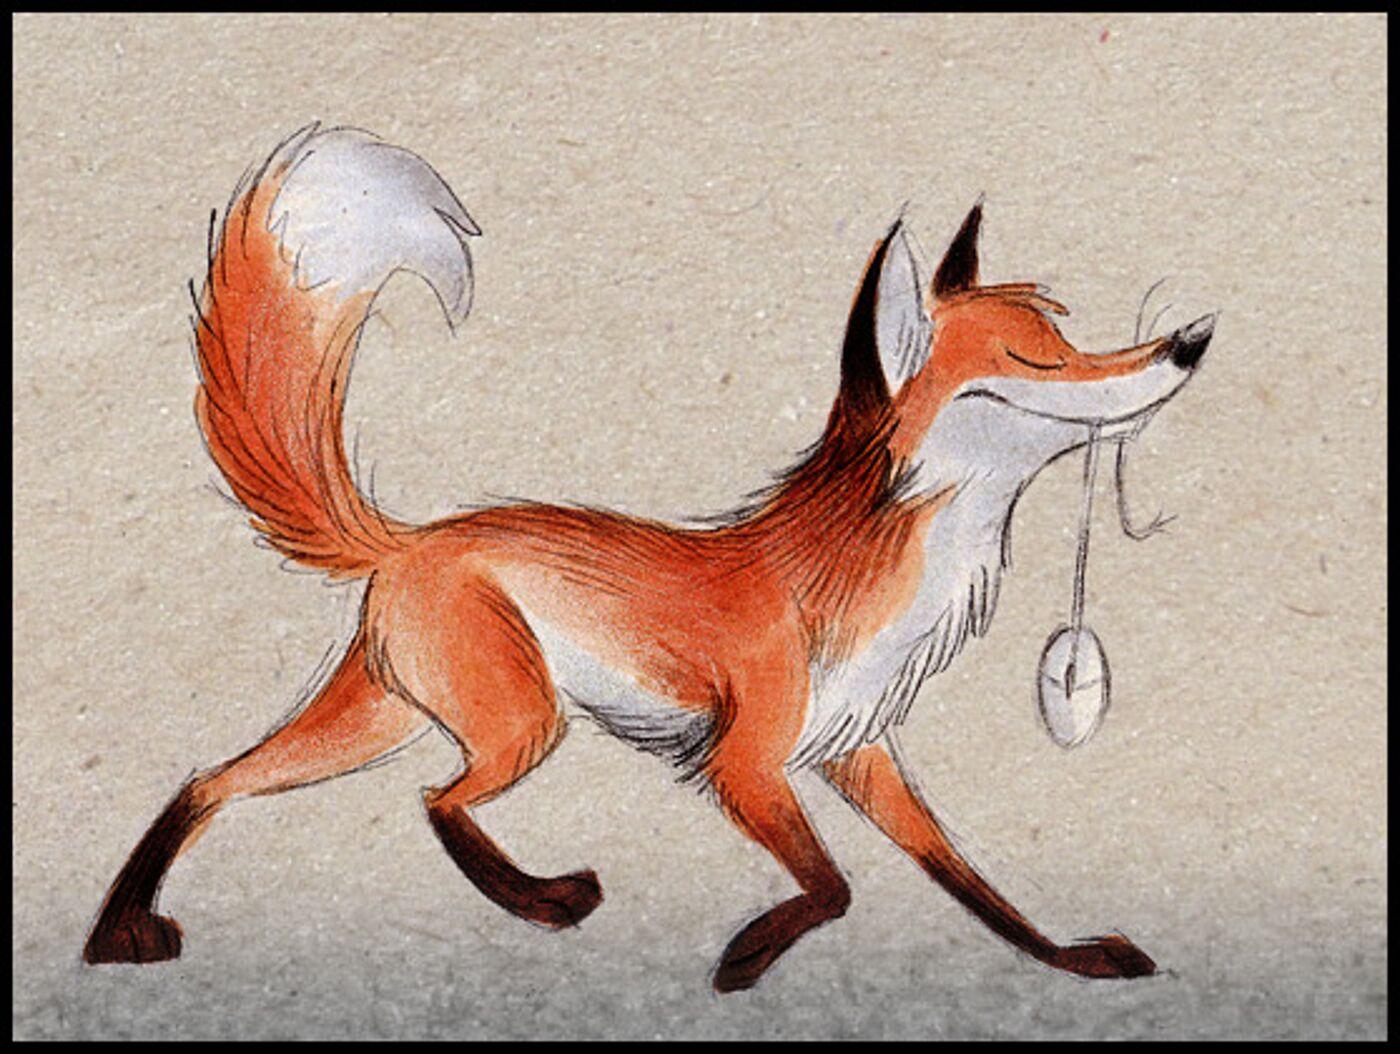 Найти картинку лосика и лисички